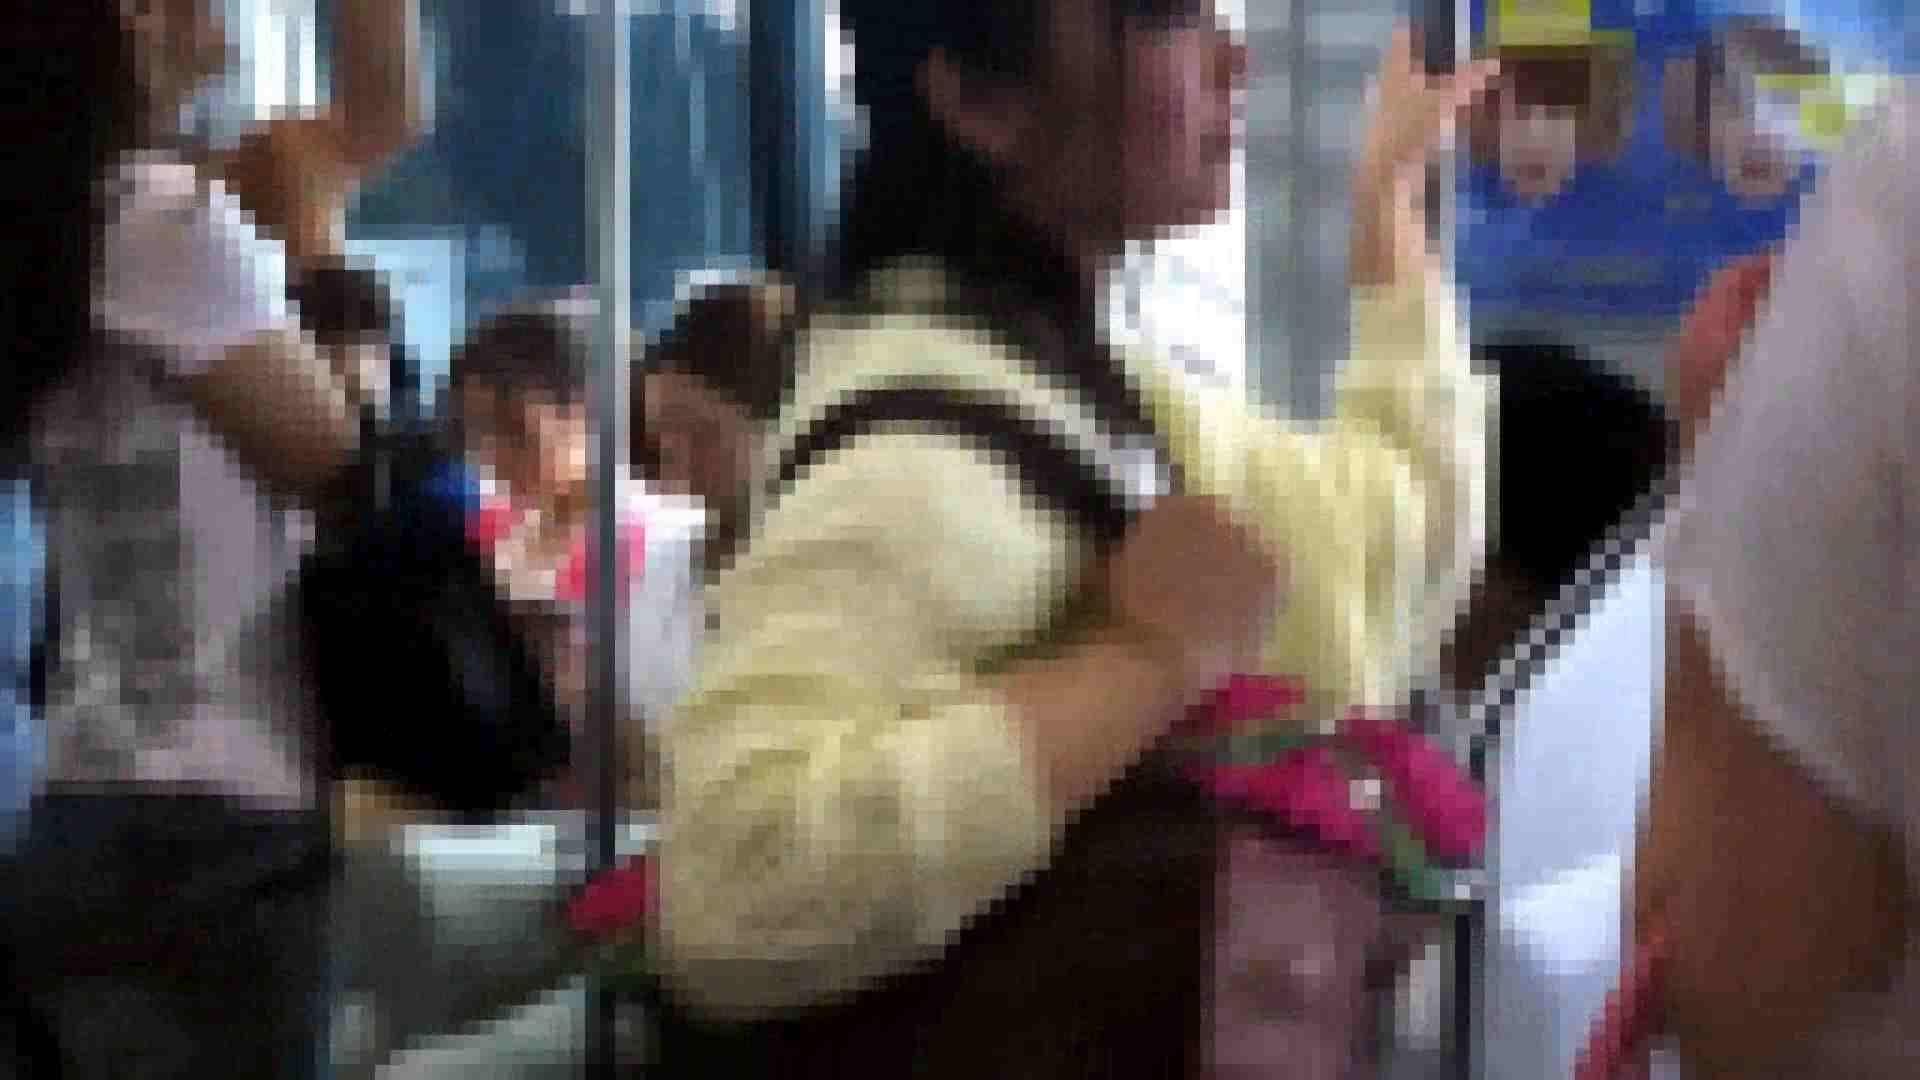 ガールズパンチラストリートビューVol.041 ギャルのエロ動画 セックス無修正動画無料 84画像 42